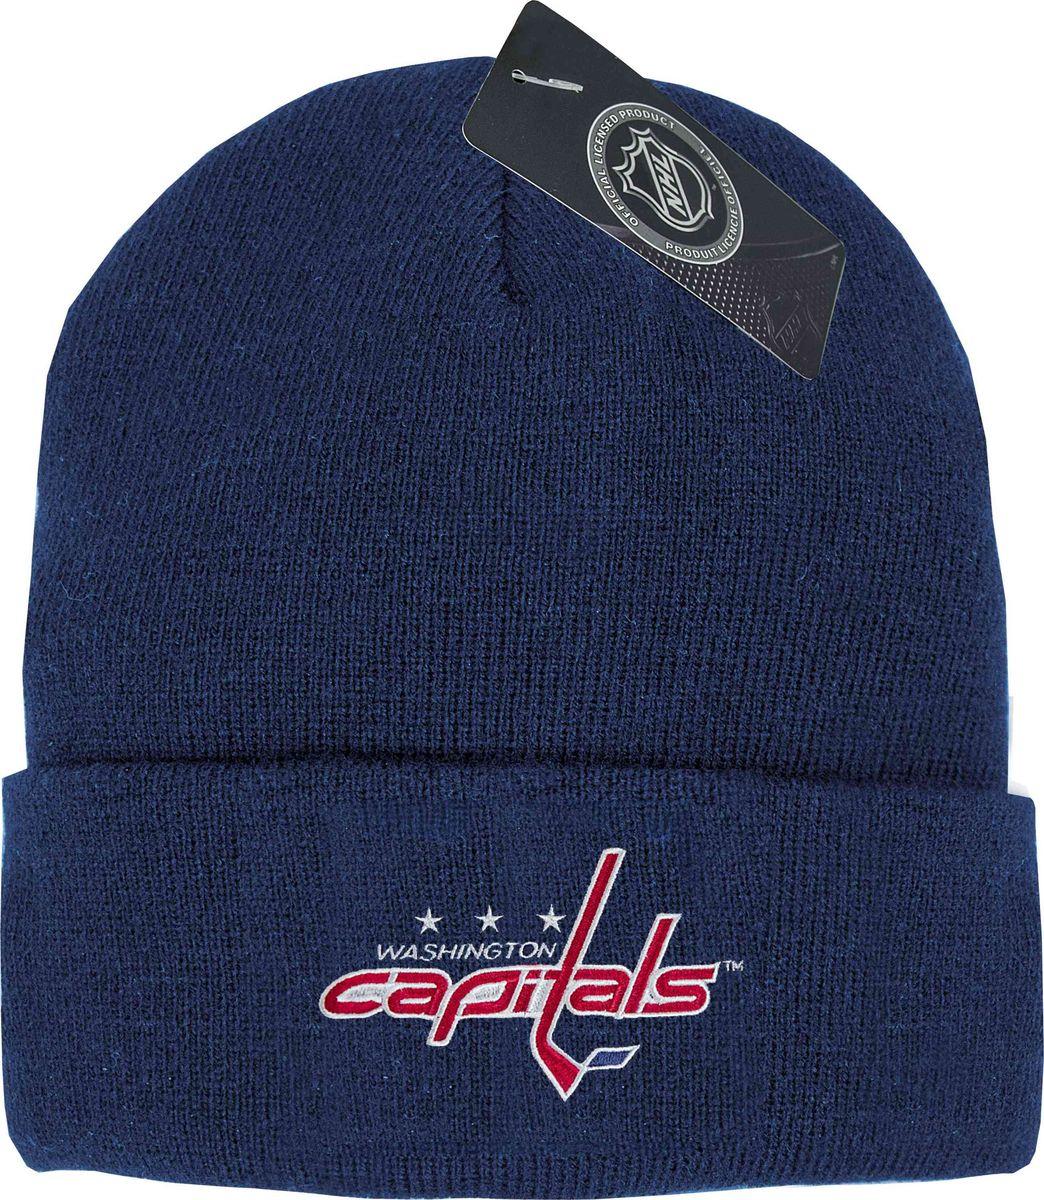 Шапка мужская Atributika & Club Washington Capitals, цвет: синий. 59010. Размер 55/5859010Мужская шапка с отворотом Atributika & Club снабжена объемным вышитым логотипом команды. Выполнена из 100% акрила. Данная шапка является сертифицированным продуктом НХЛ, упакована в индивидуальную упаковку, защищена голограммой, имеет уникальный штрих код.